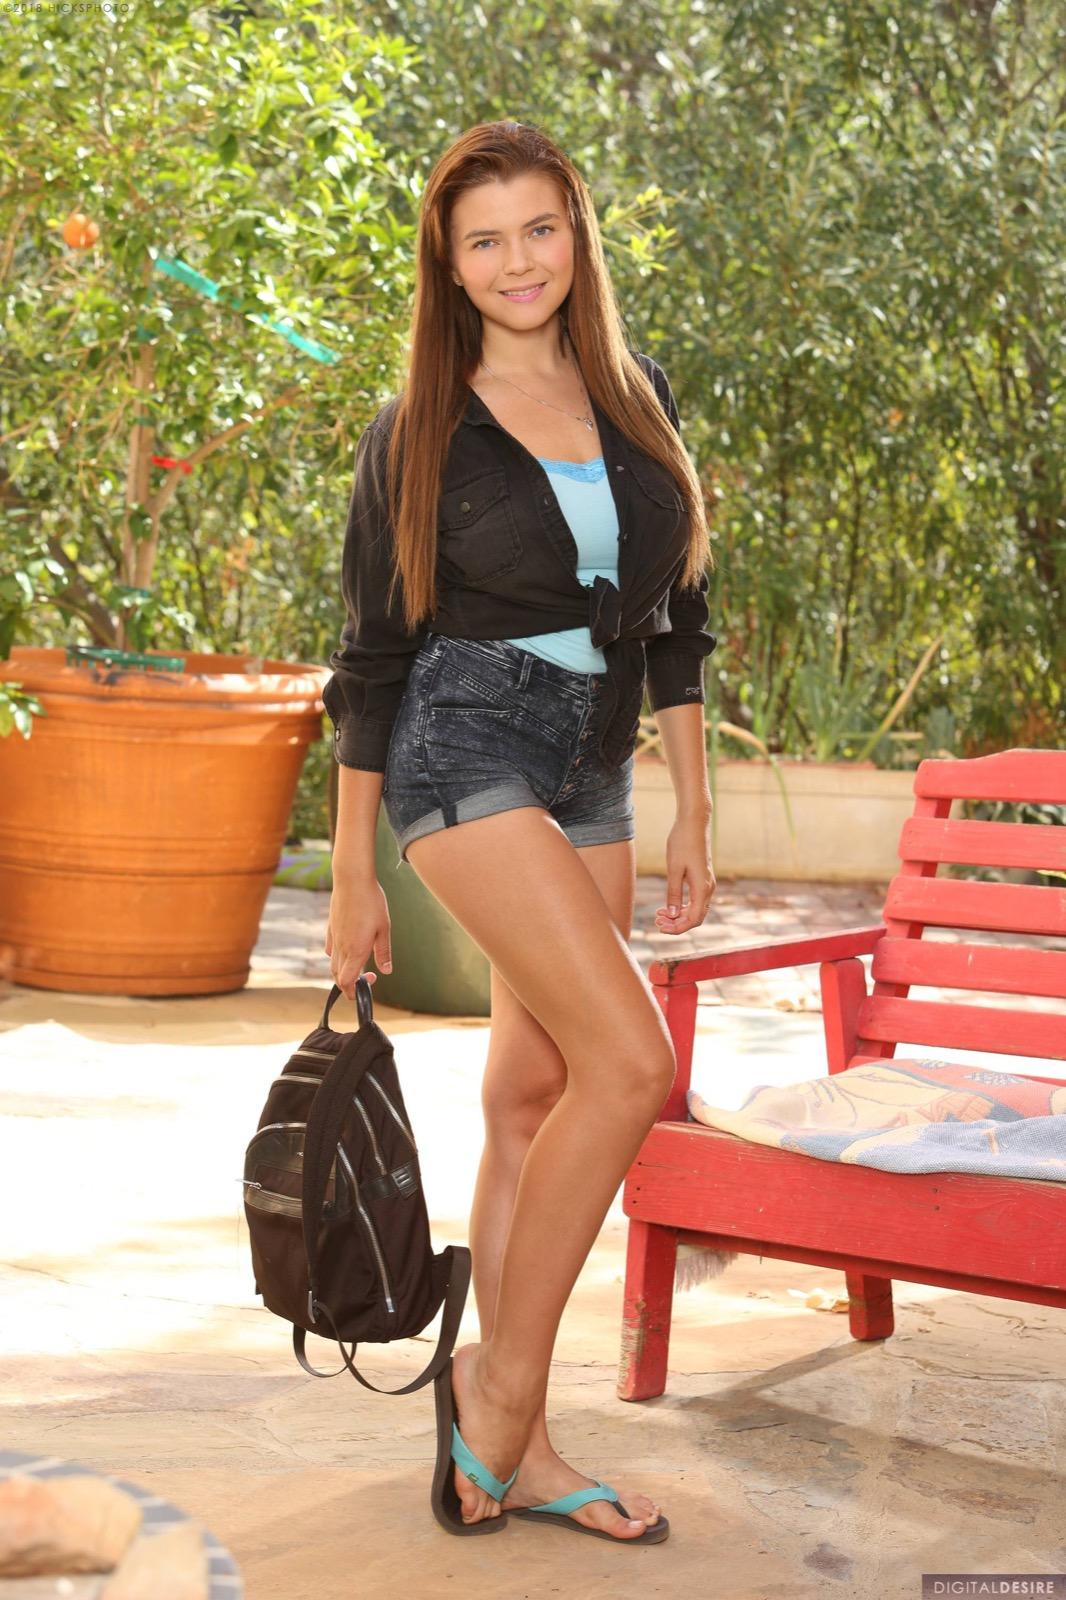 marina_visconte_23932_1.jpg